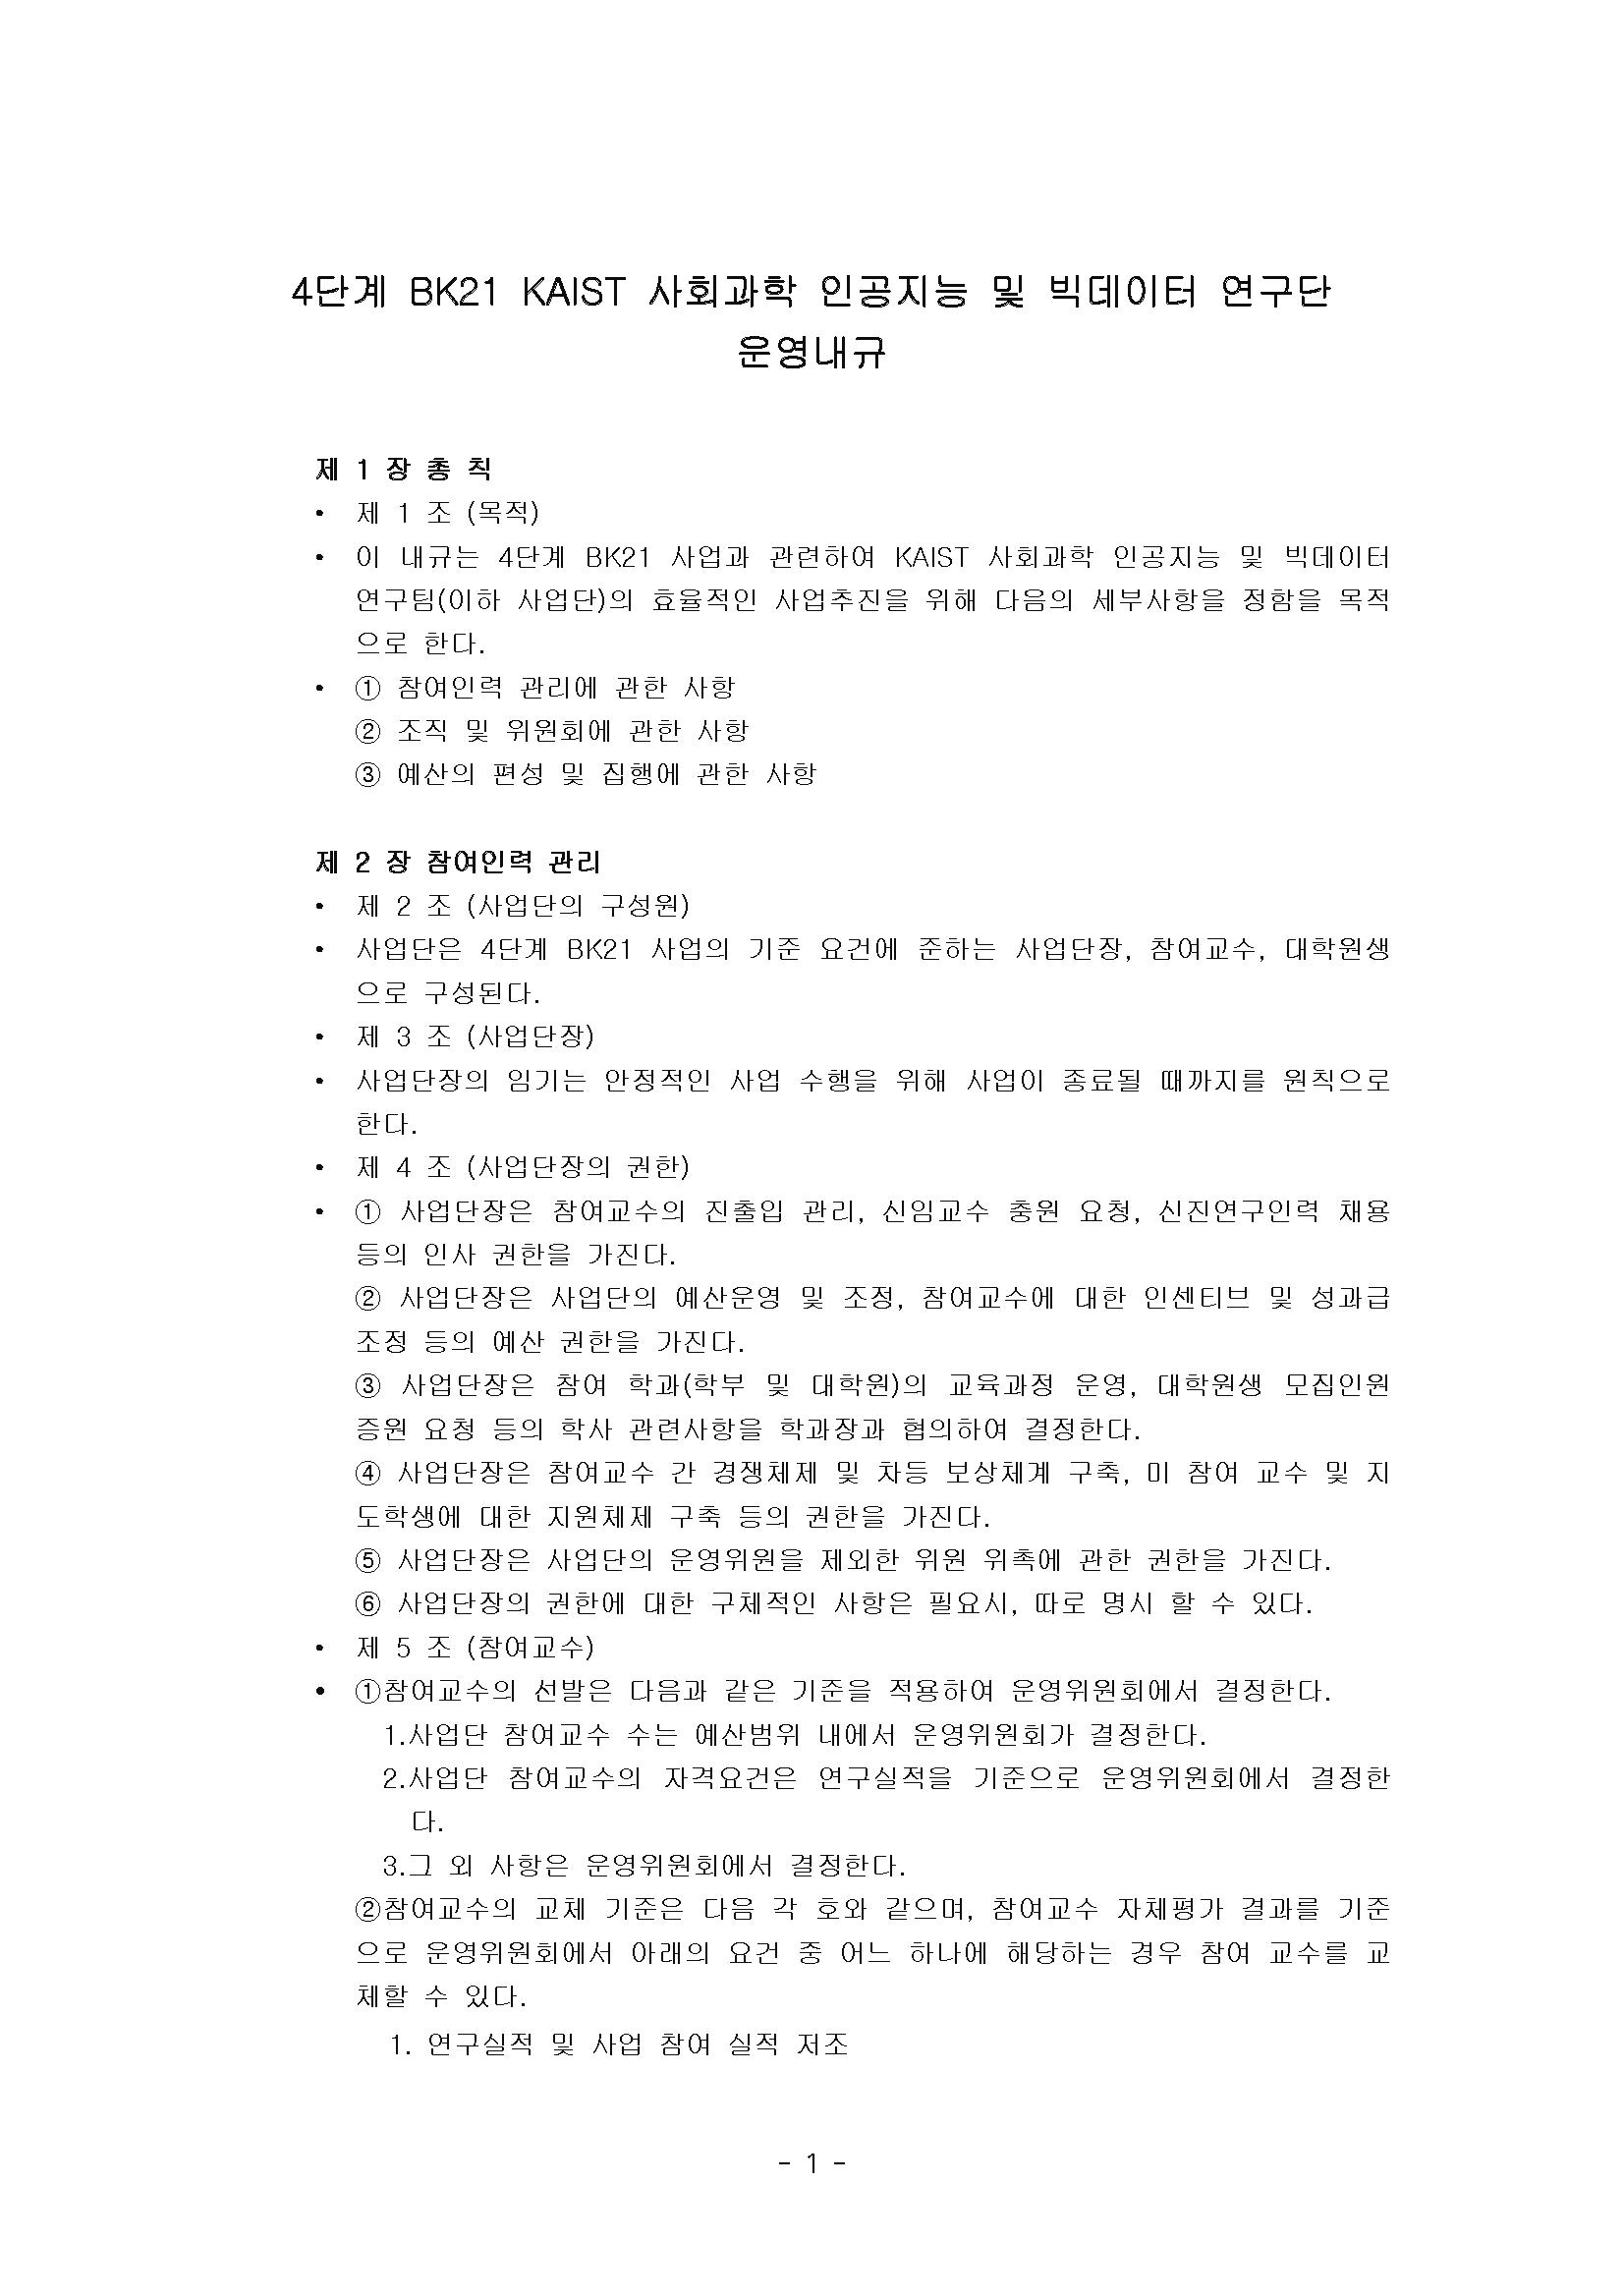 운영내규_페이지_1